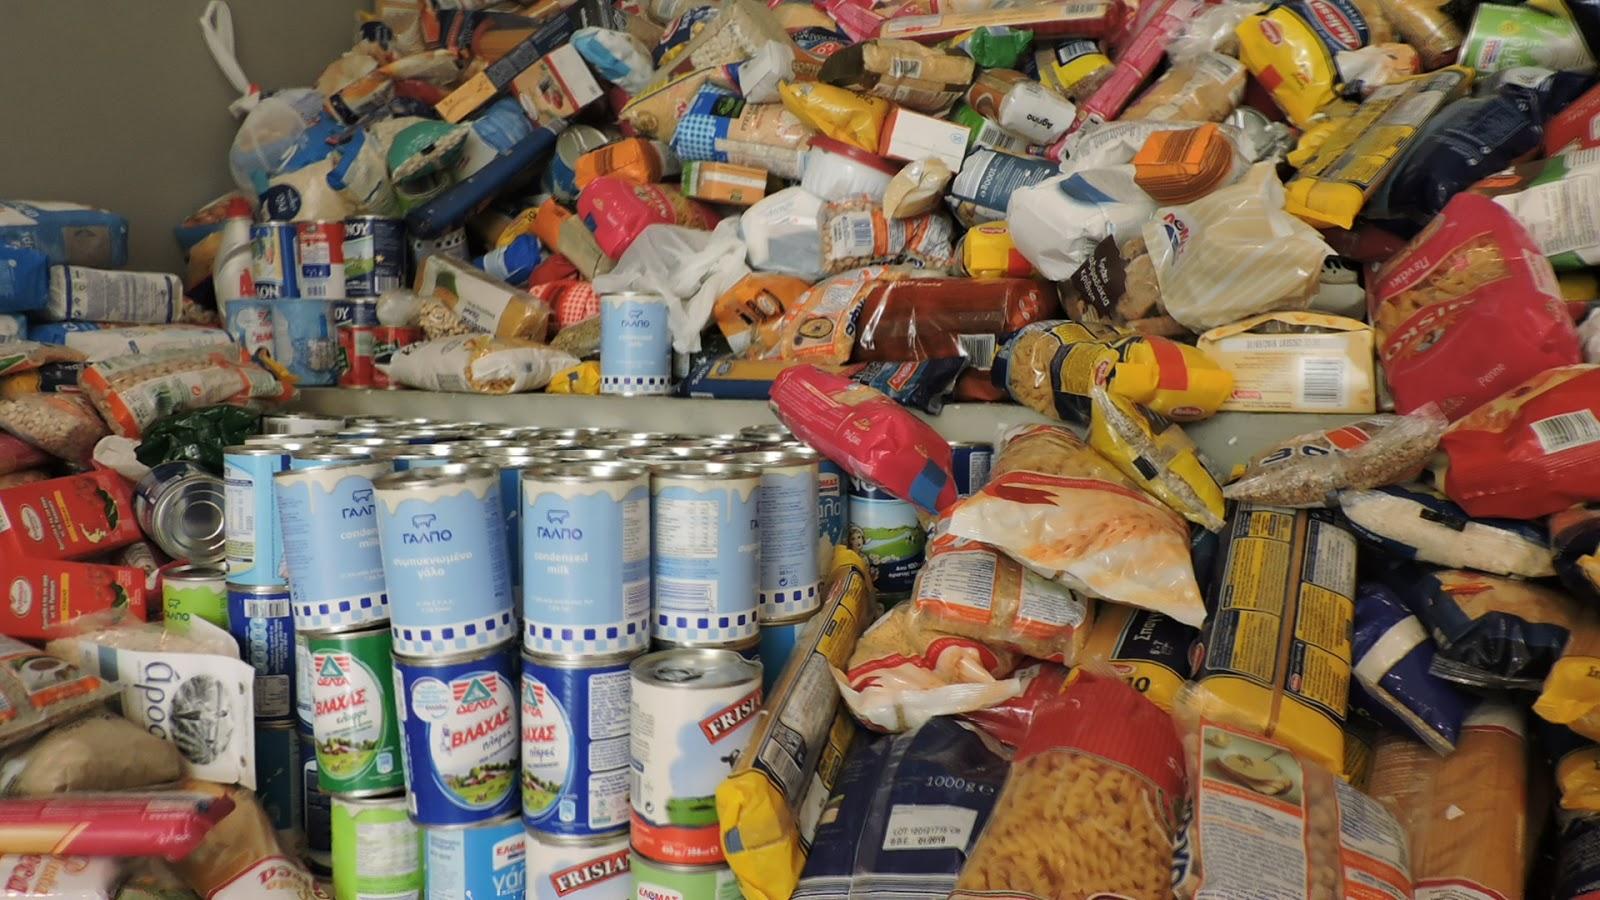 cine-Μαθήματα:Τρεις τόνοι τροφίμων σε προνοιακές δομές των Χανίων